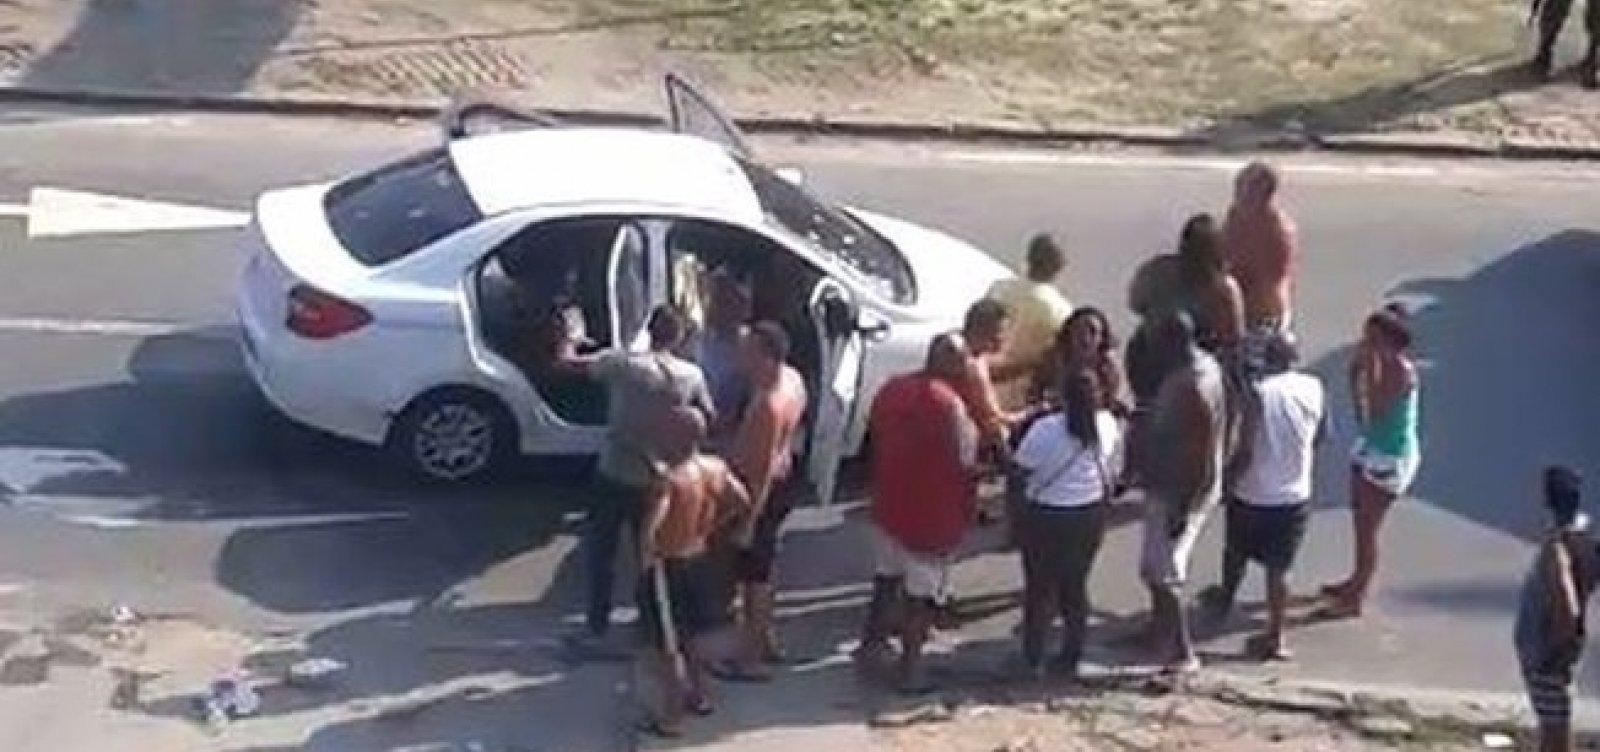 """""""Ficaram de deboche"""", diz viúva sobre soldados que fuzilaram carro no Rio"""